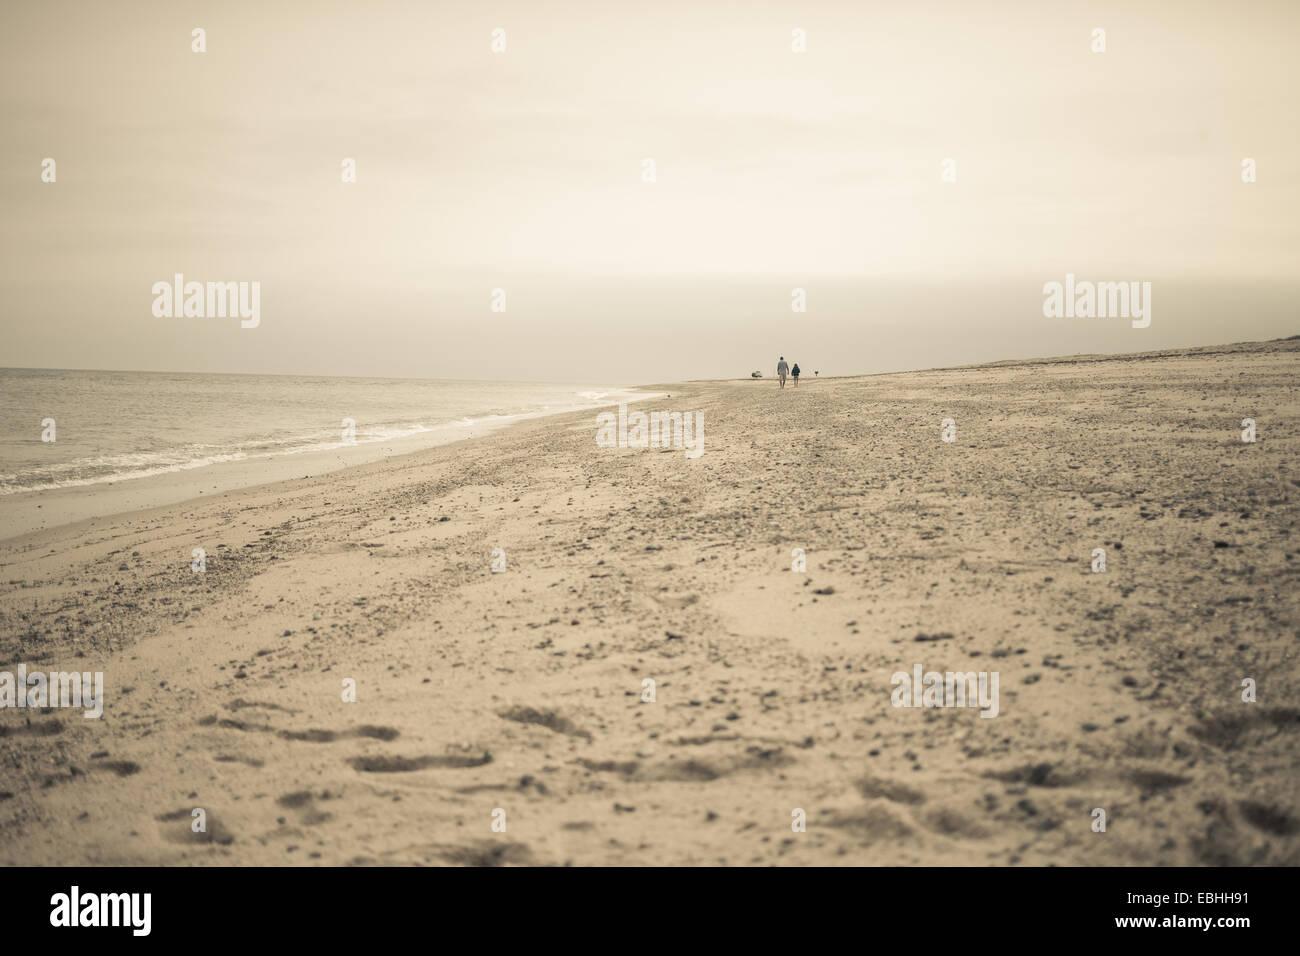 Vista lejana de dos personas paseando por la playa, Truro, Cape Cod, Massachusetts, EE.UU. Imagen De Stock